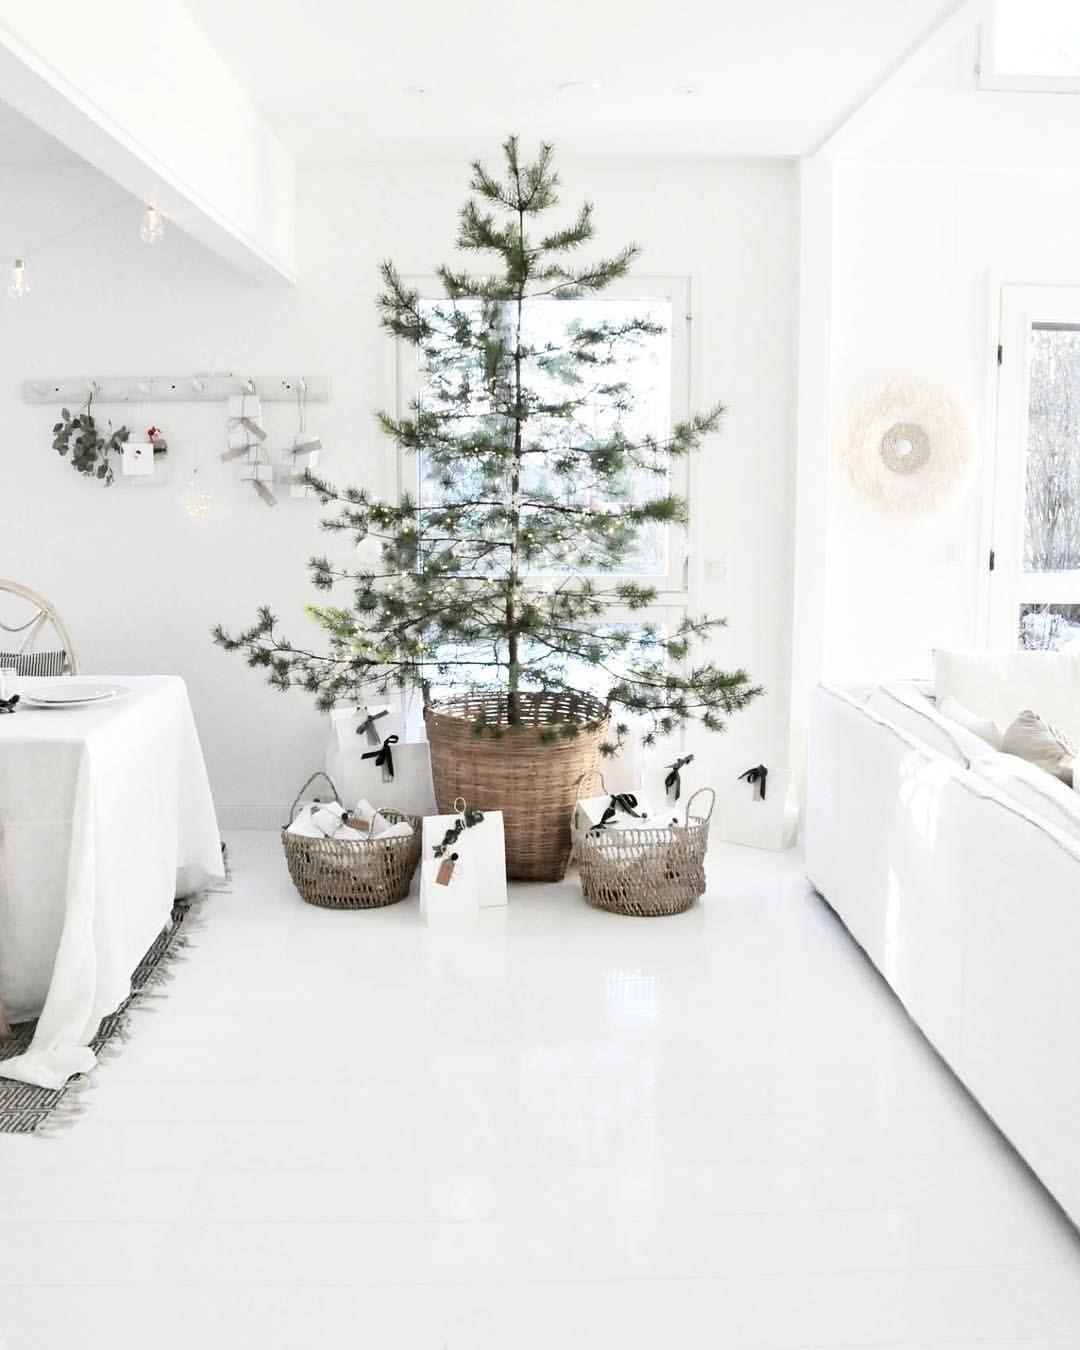 Happy Holidays Moderne Weihnachten Weihnachtsdekoration Minimalistisch Weihnachten